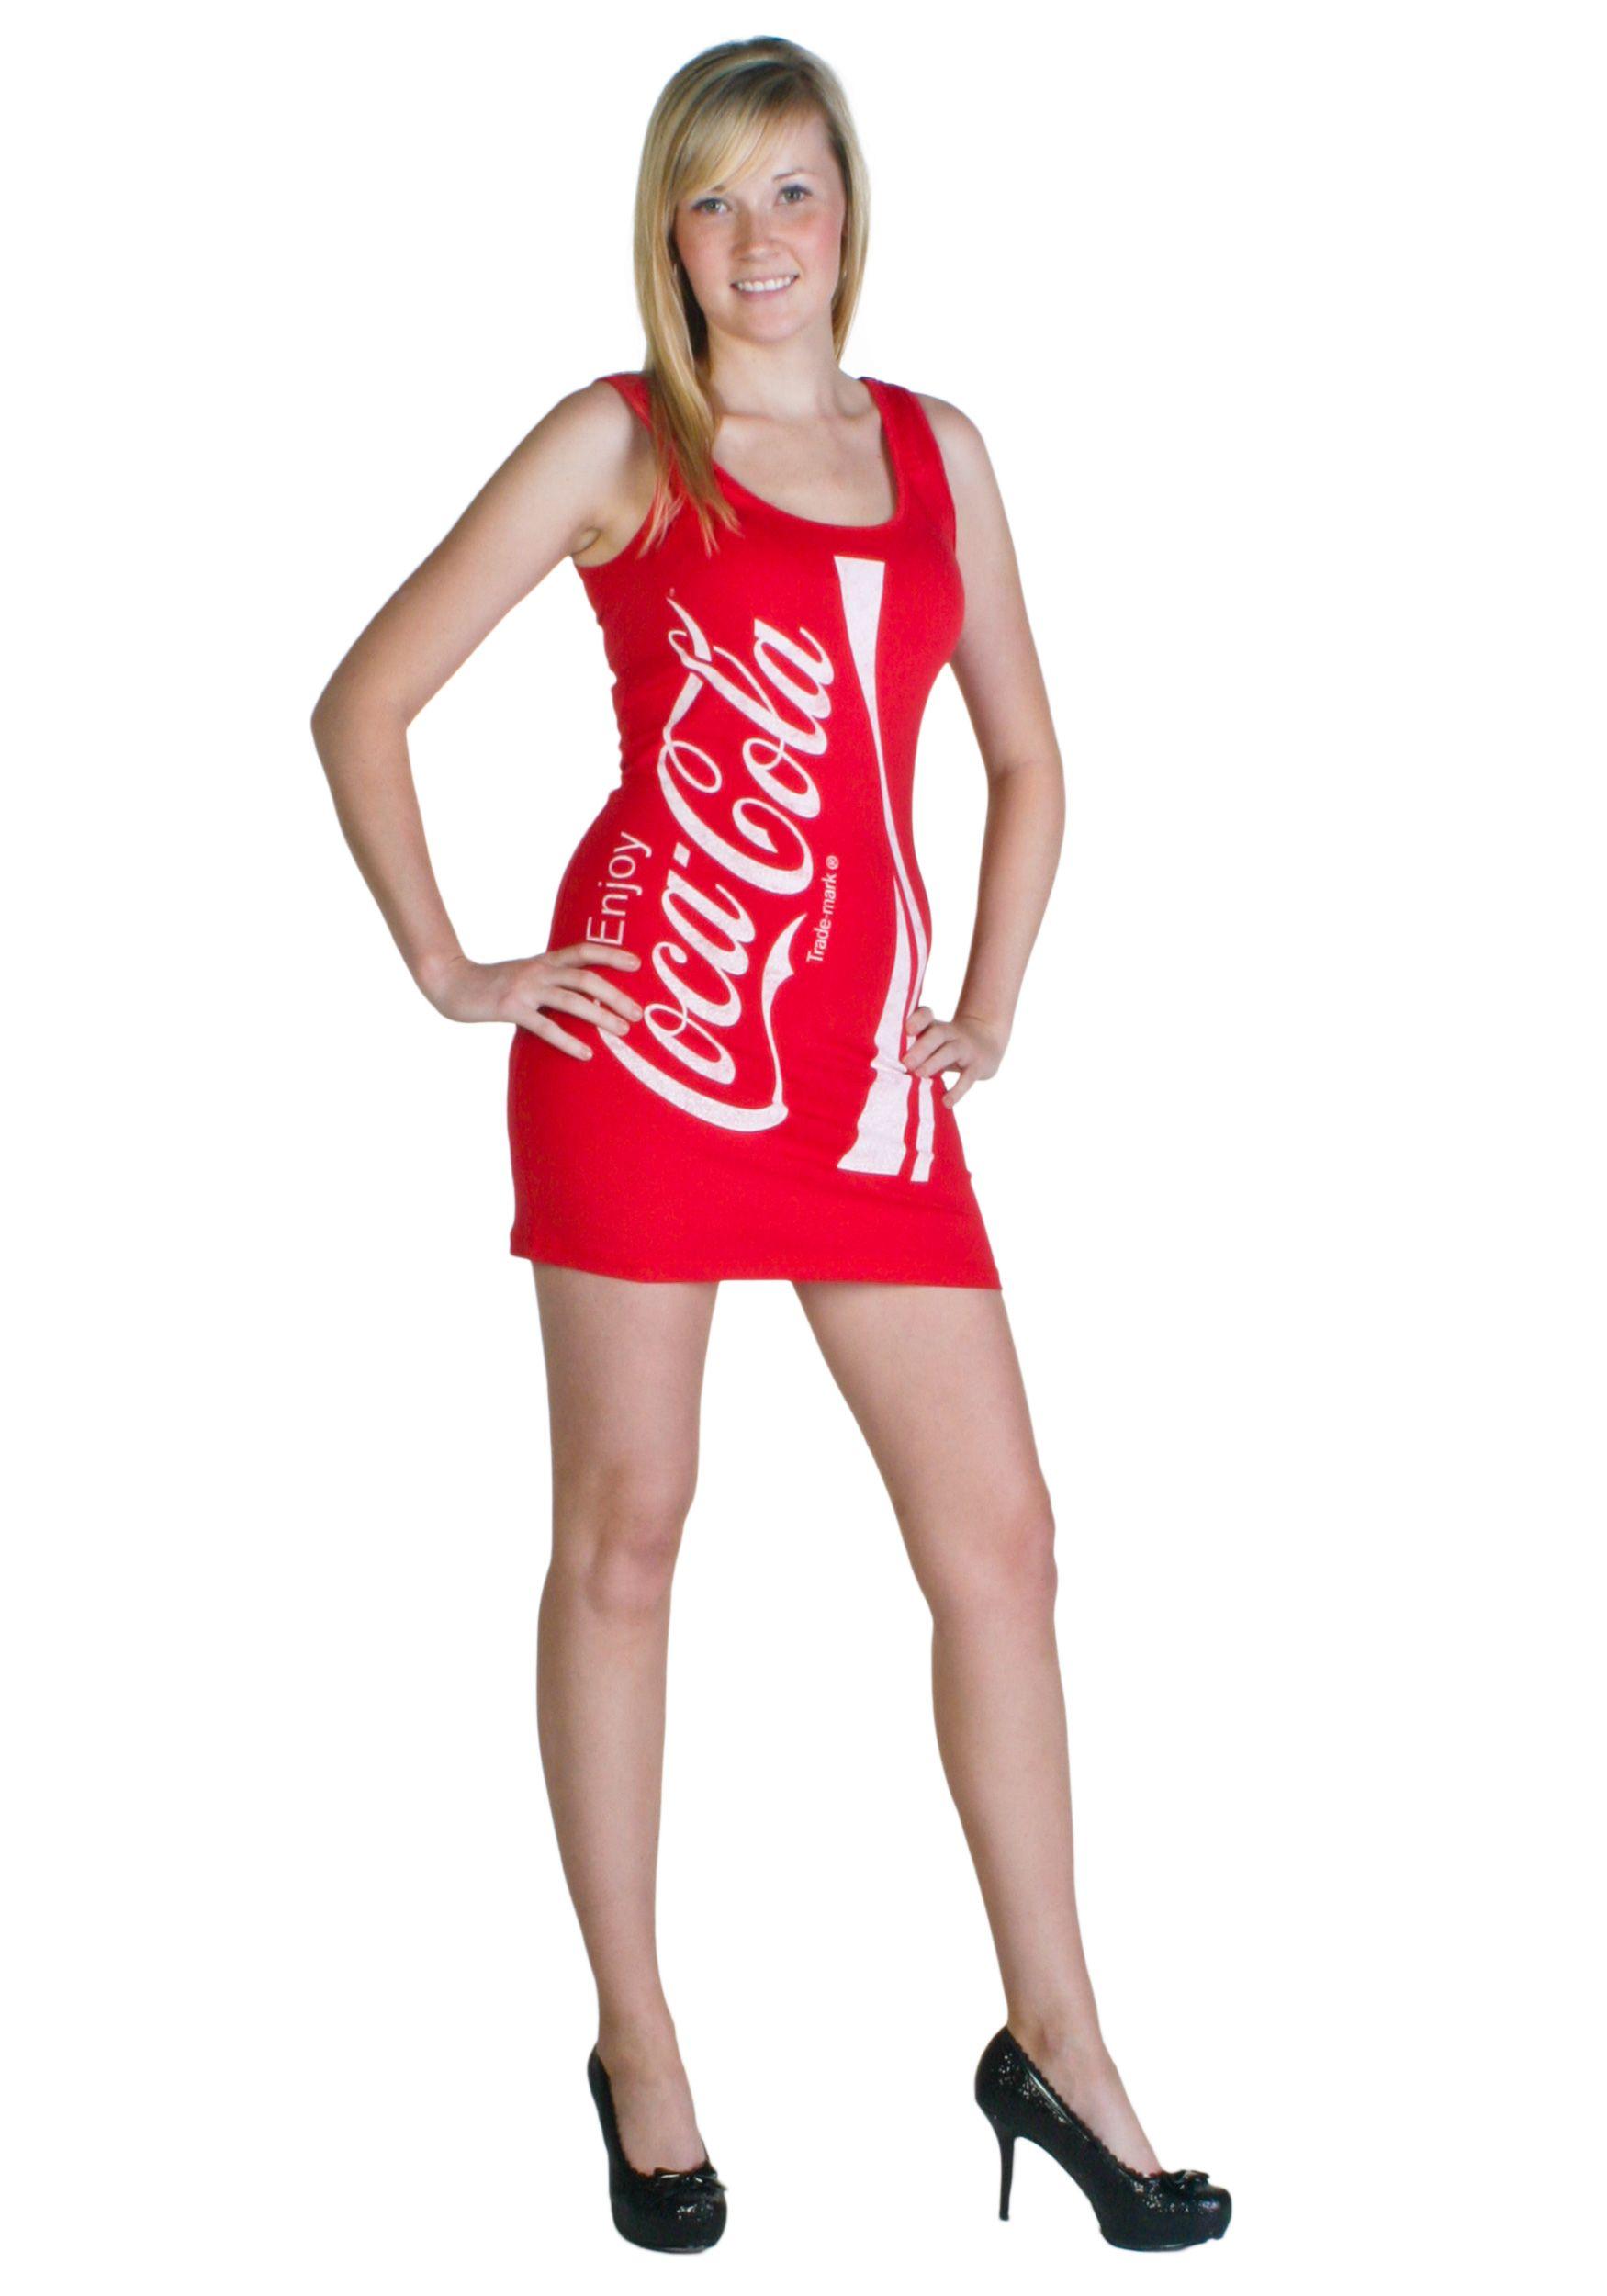 fc11e36e4b9 Coca Cola Can Tank Dress | Halloween costumes in 2019 | Coca cola ...